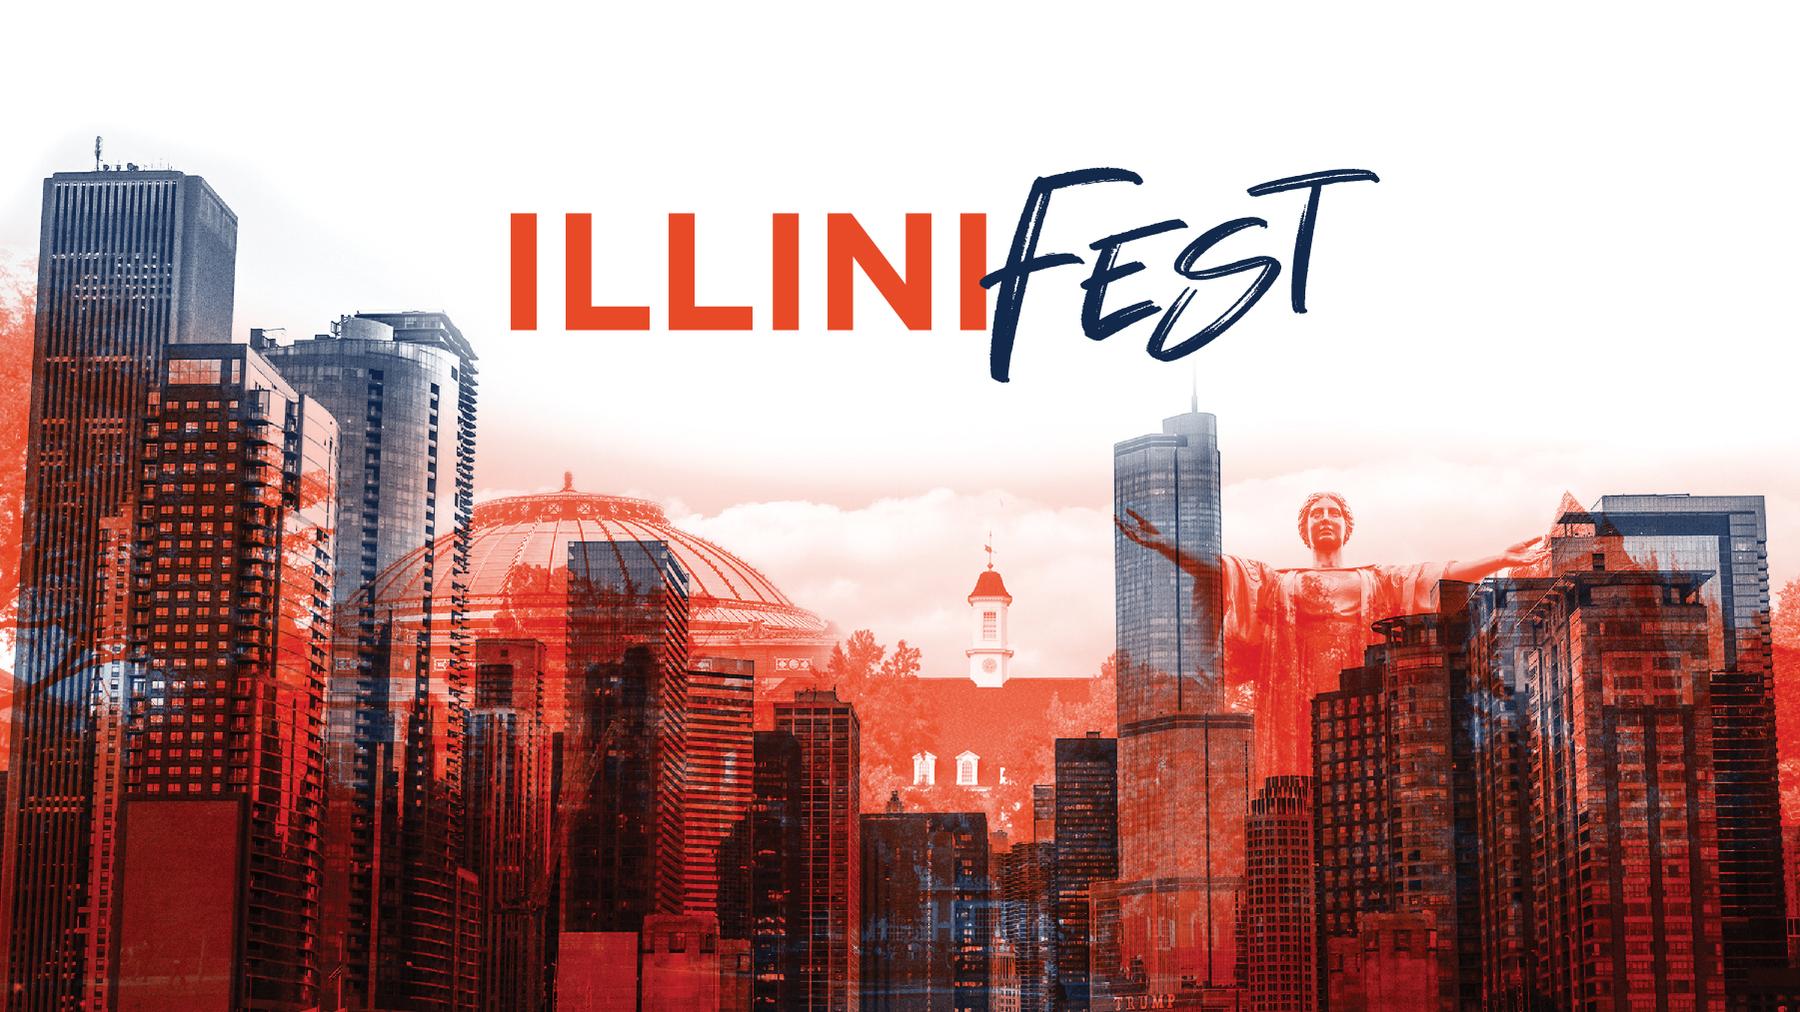 illini fest logo